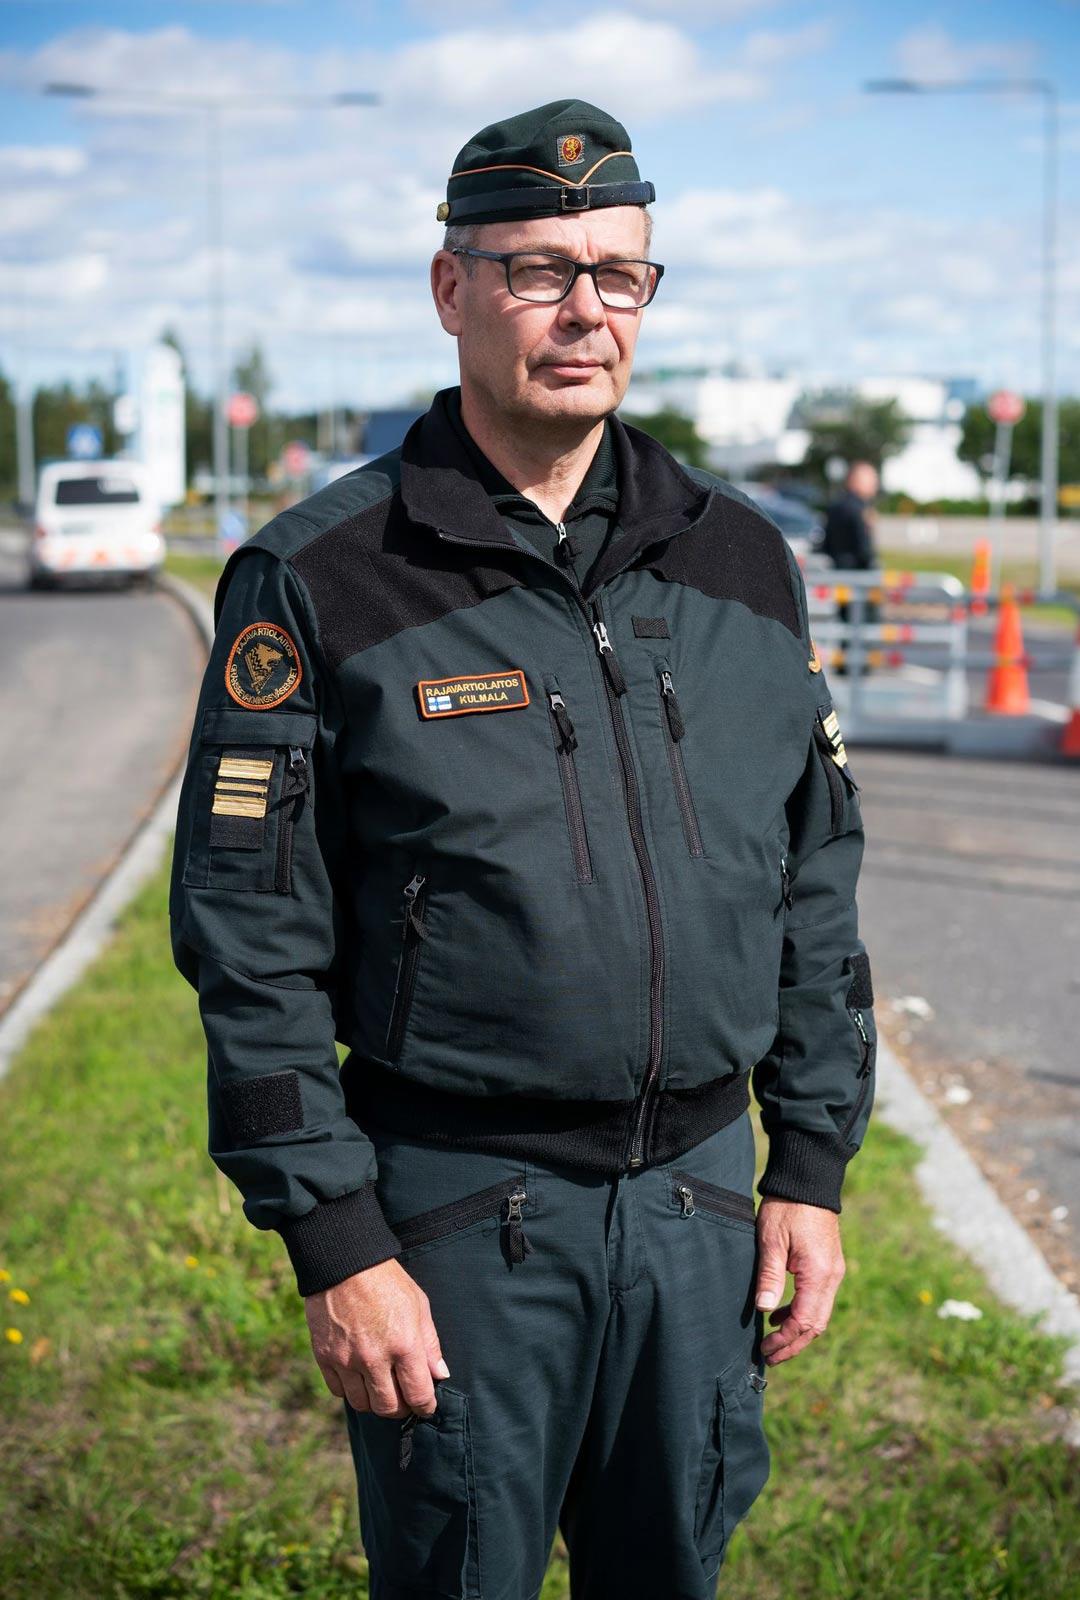 Meriupseeri Tapio Kulmala pyydettiin eläkkeeltä töihin Tornioon rajavartijoiden kenttäesimieheksi. Keikkapestin pituutta ei hänkään tiedä.